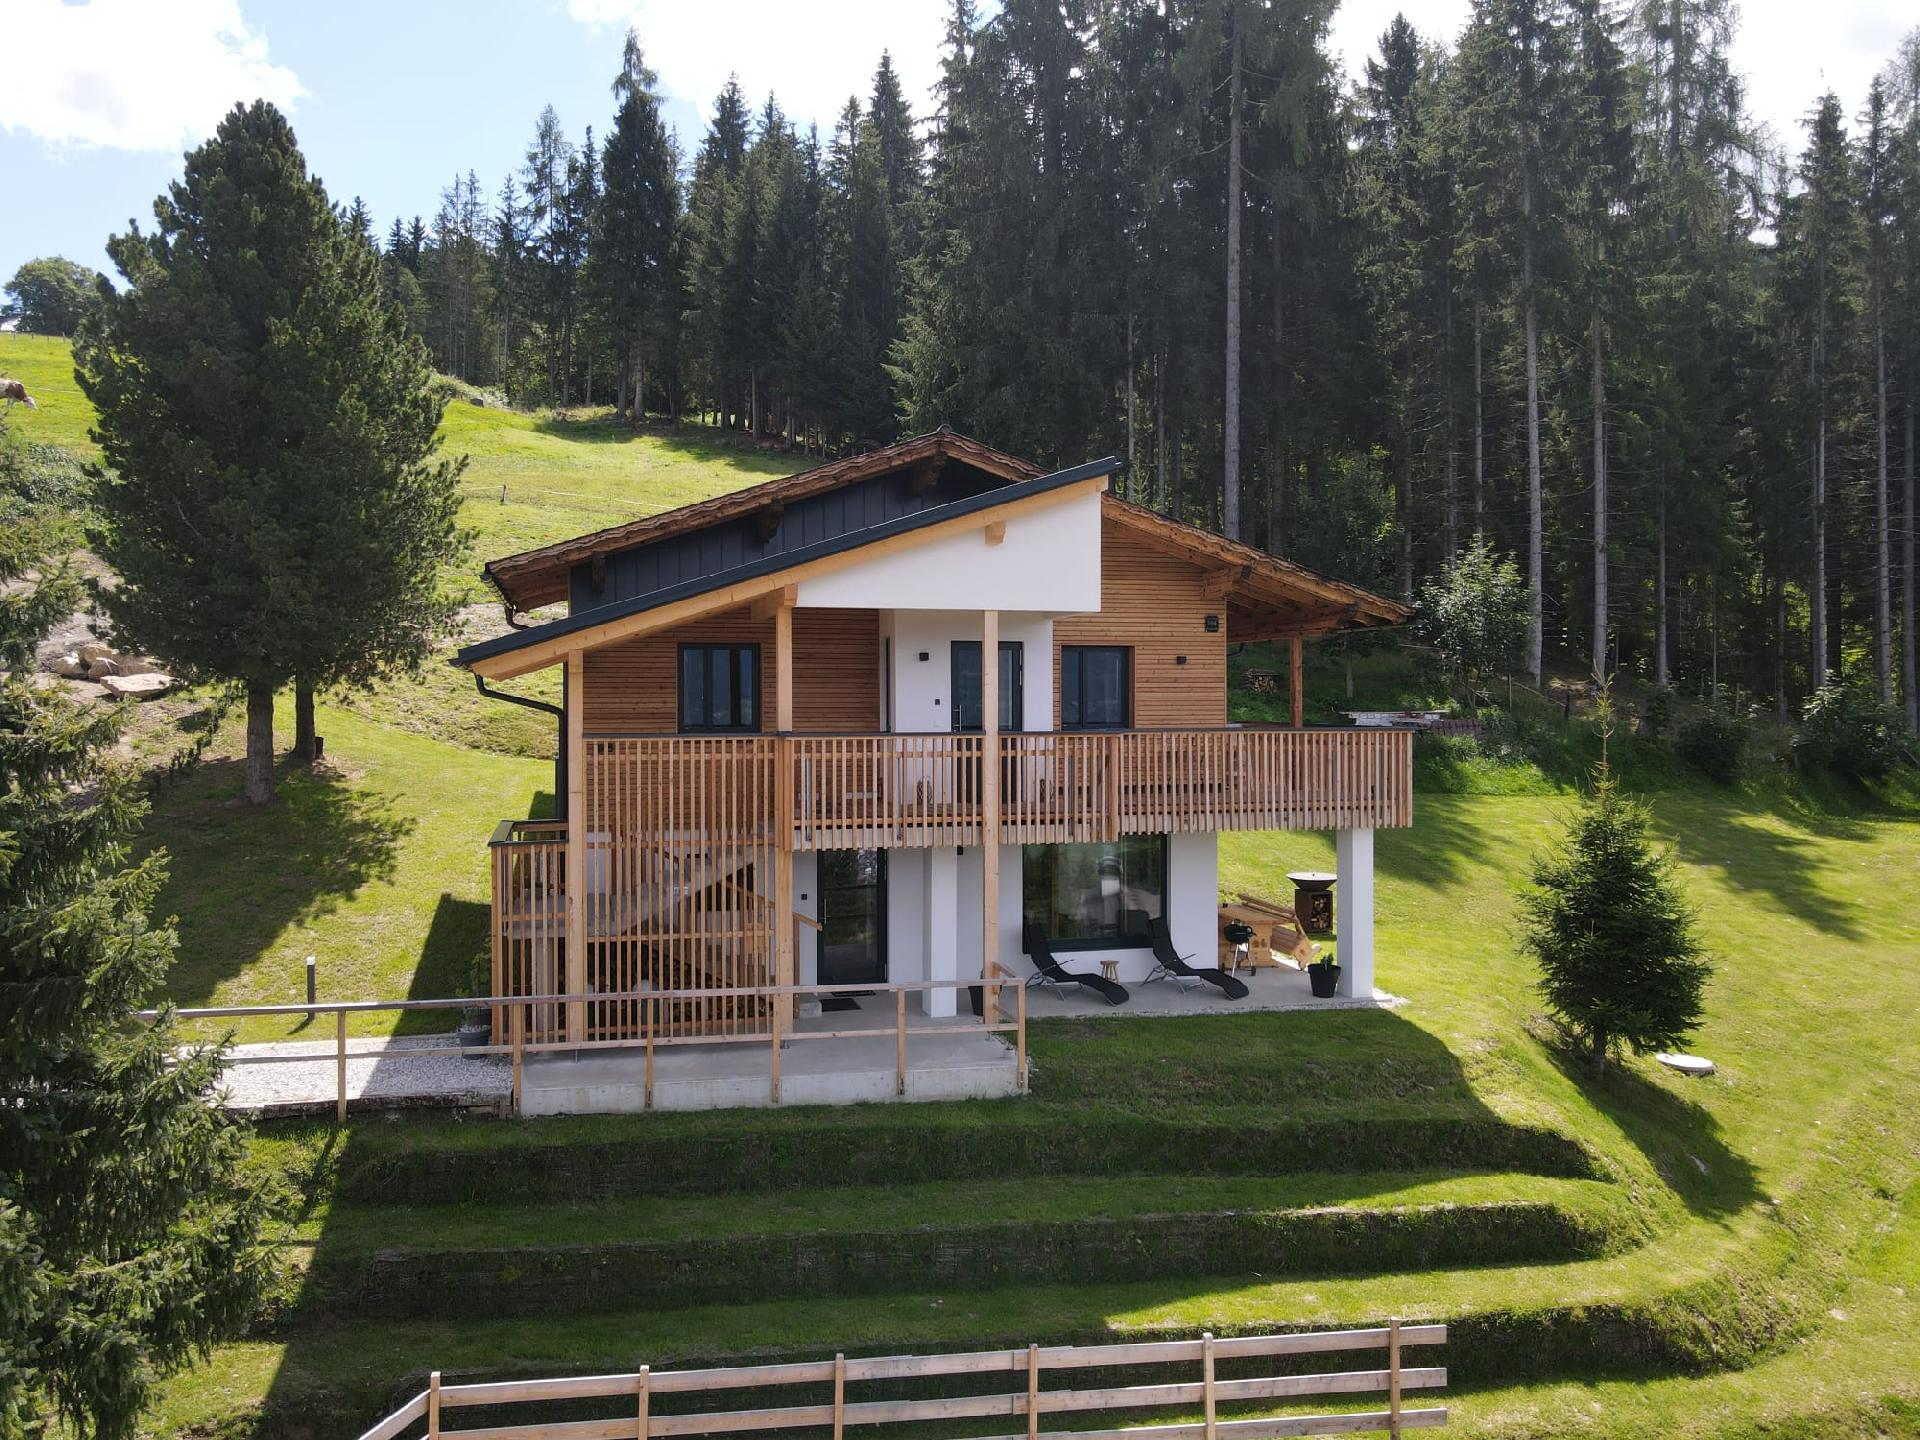 Ferienhaus für 3 Personen 1 Kind ca 120 m² in Michaelerberg Pruggern sonstige